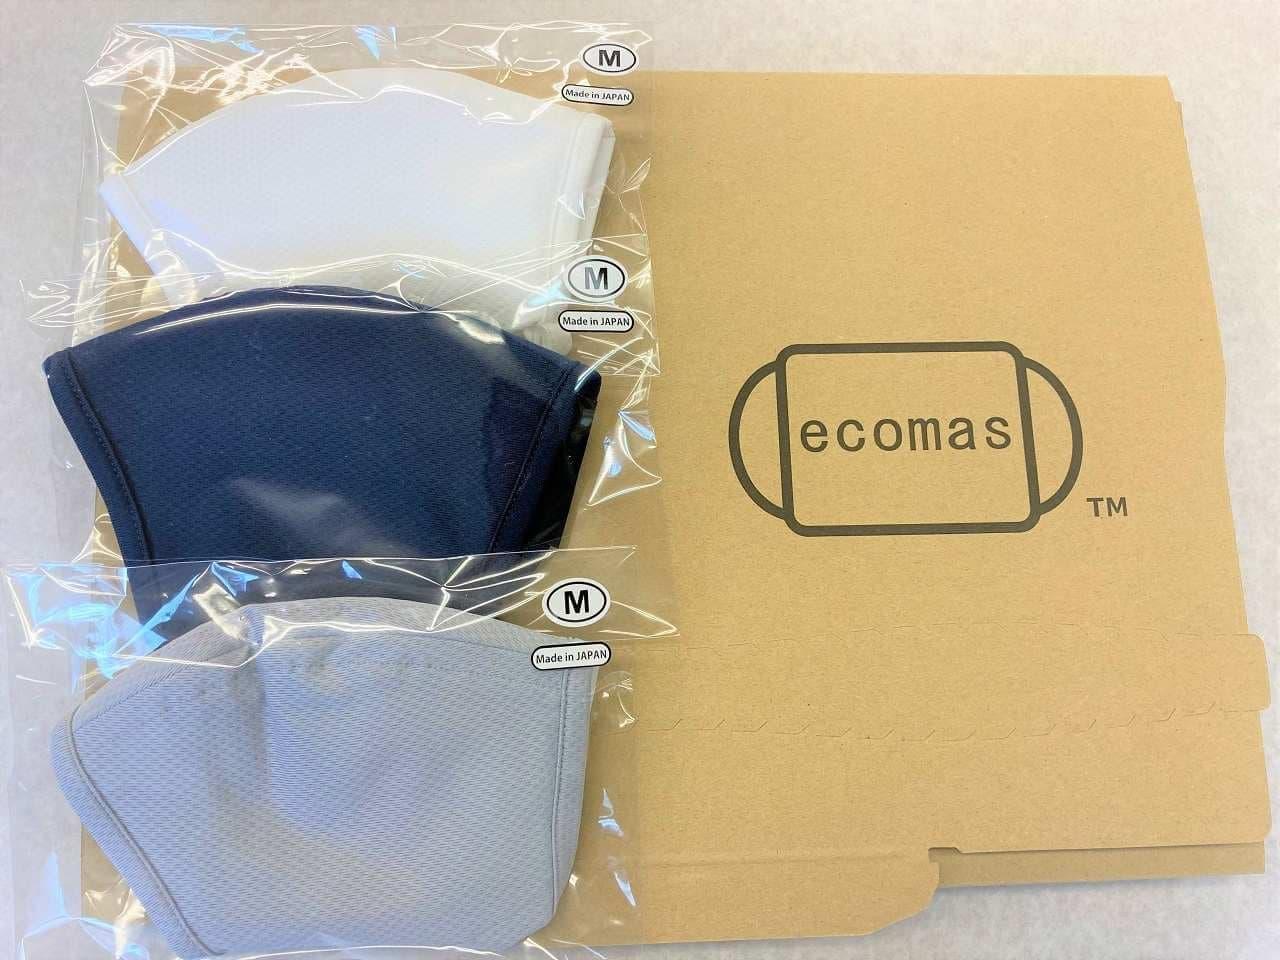 洗濯機で洗える!裏地に水着素材を採用した「ecomasさらさらメッシュ夏マスク」一